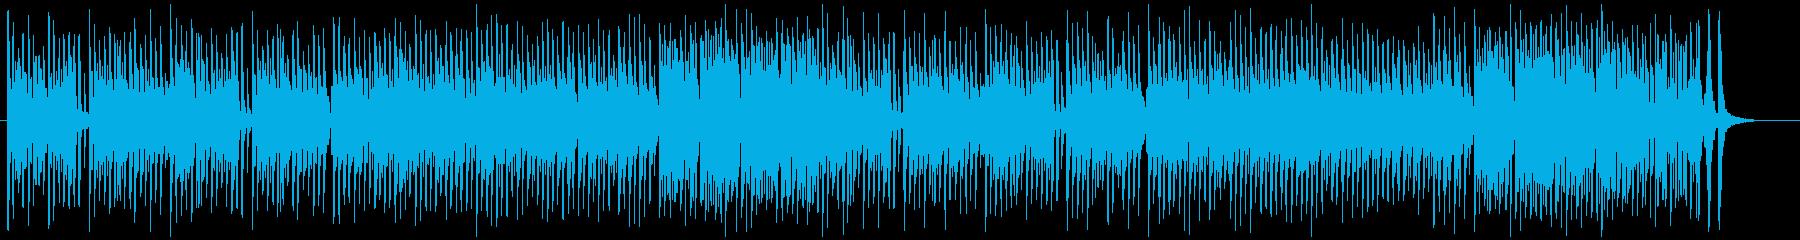 子犬がじゃれあっているような賑やかな曲の再生済みの波形